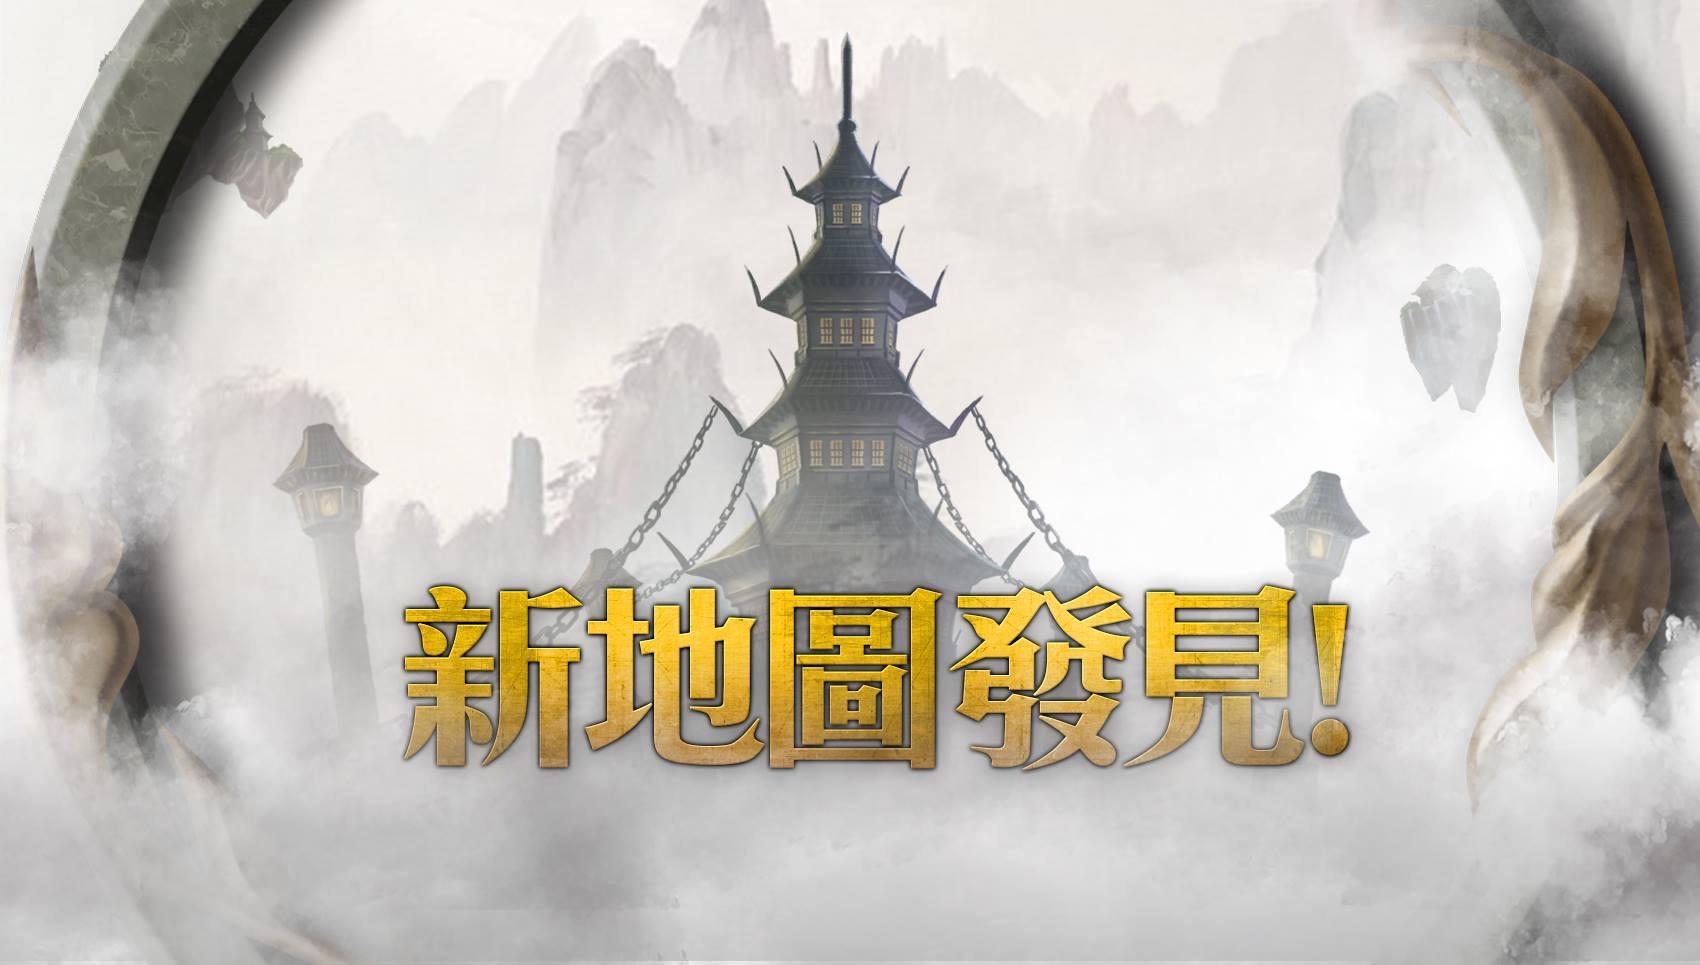 仙剑还是蜀山?神魔之塔新地图图鉴一览